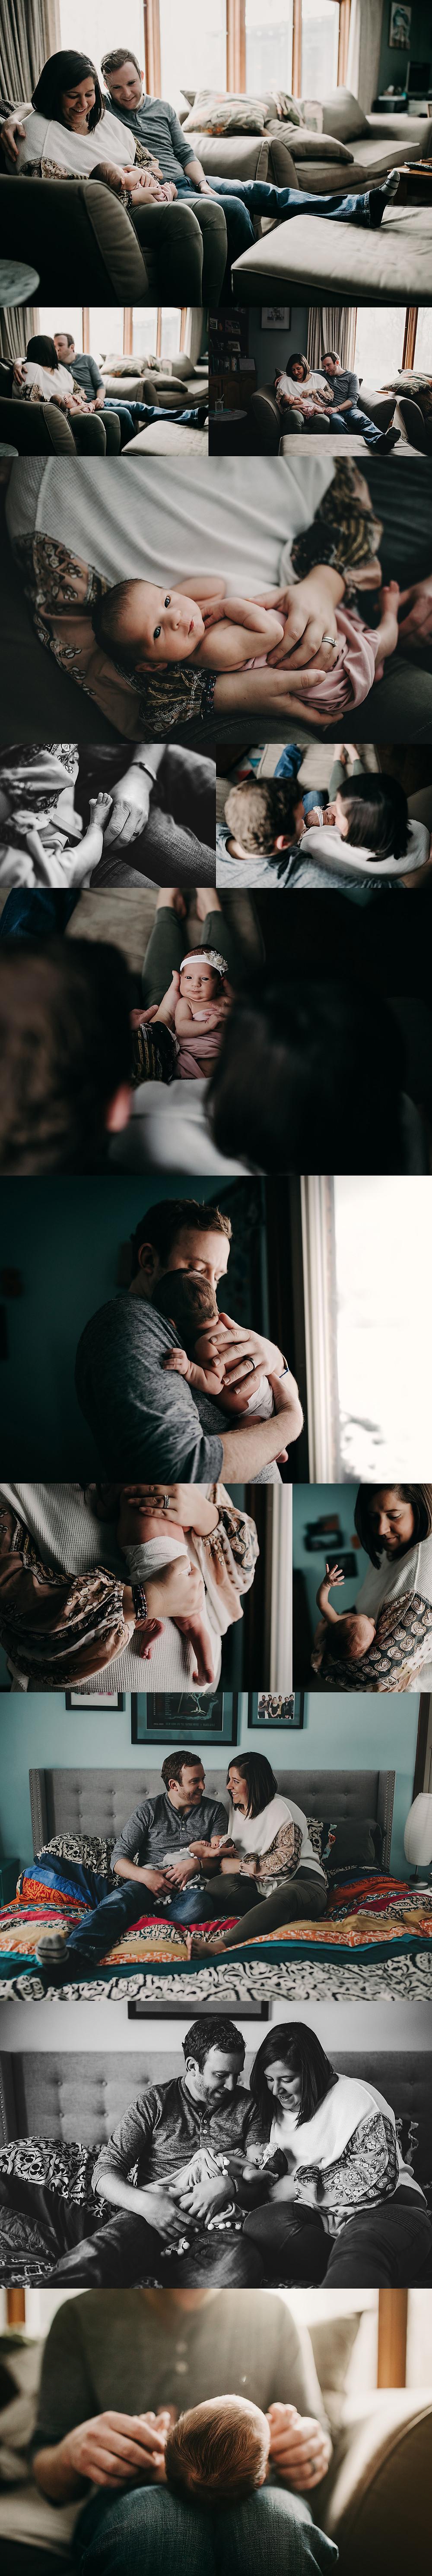 Indianapolis Newborn Family Photographer | Alex Morris Design